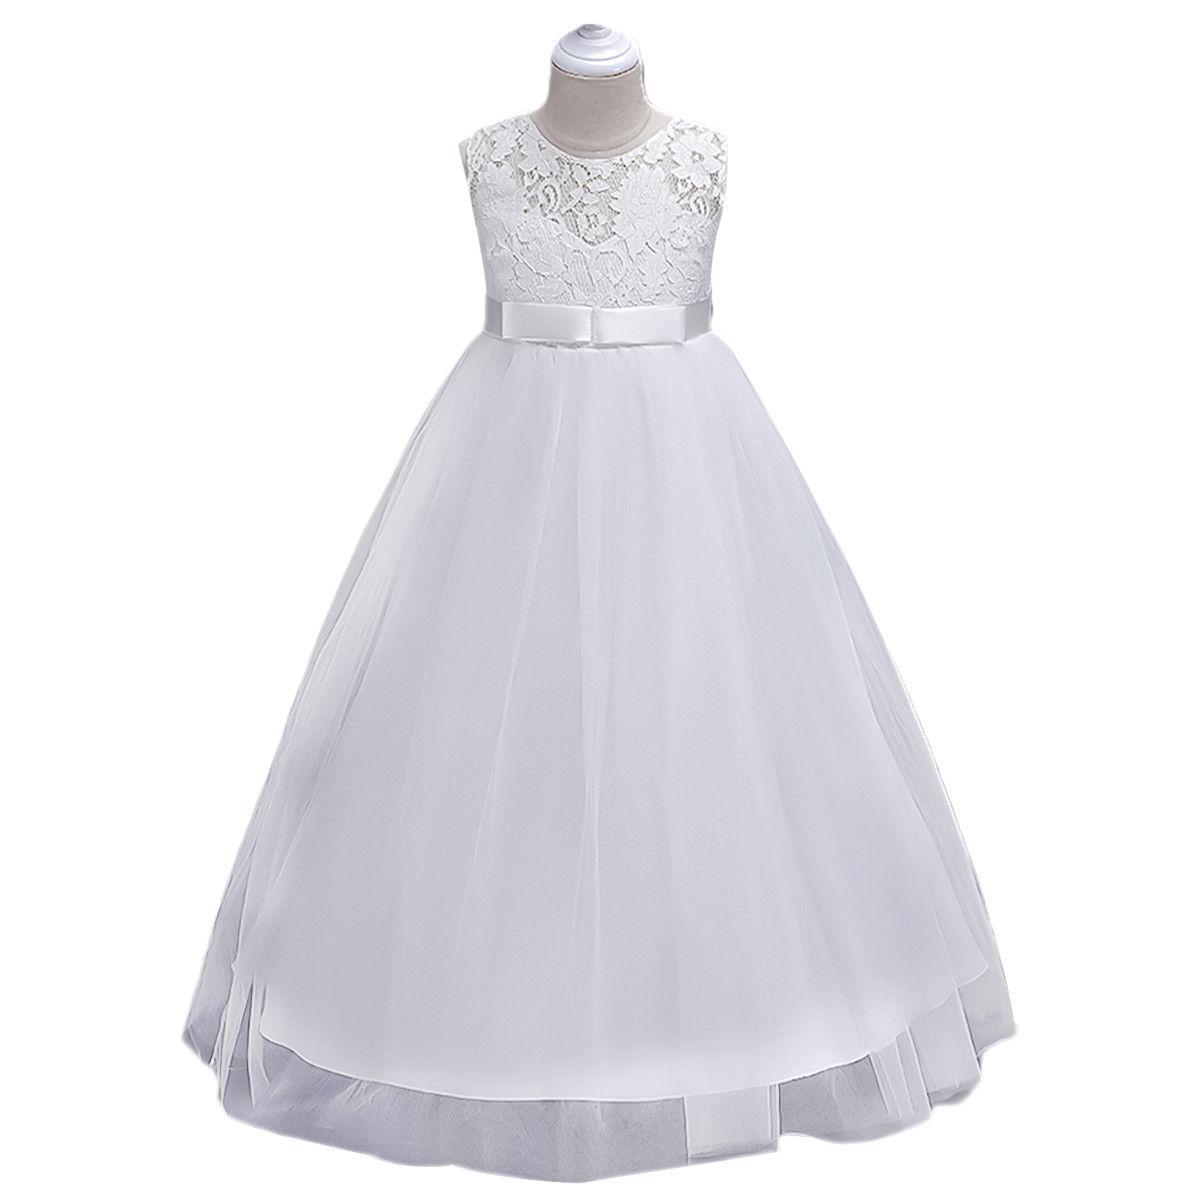 e9a3062045d6 Detské šaty lace006 - skladom